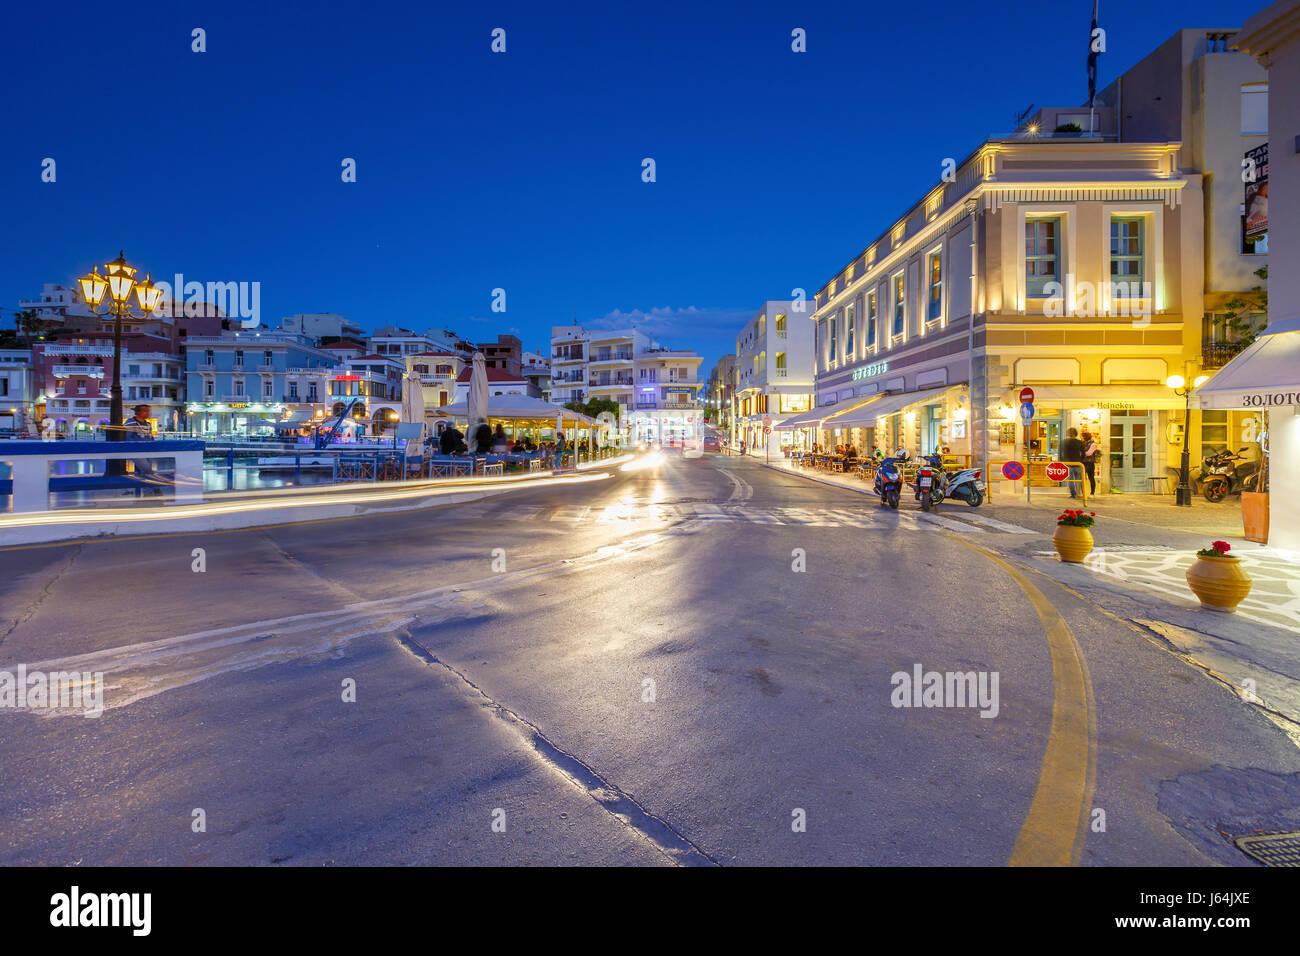 Vista de noche de Agios Nikolaos y a su puerto, Creta, Grecia. Imagen De Stock